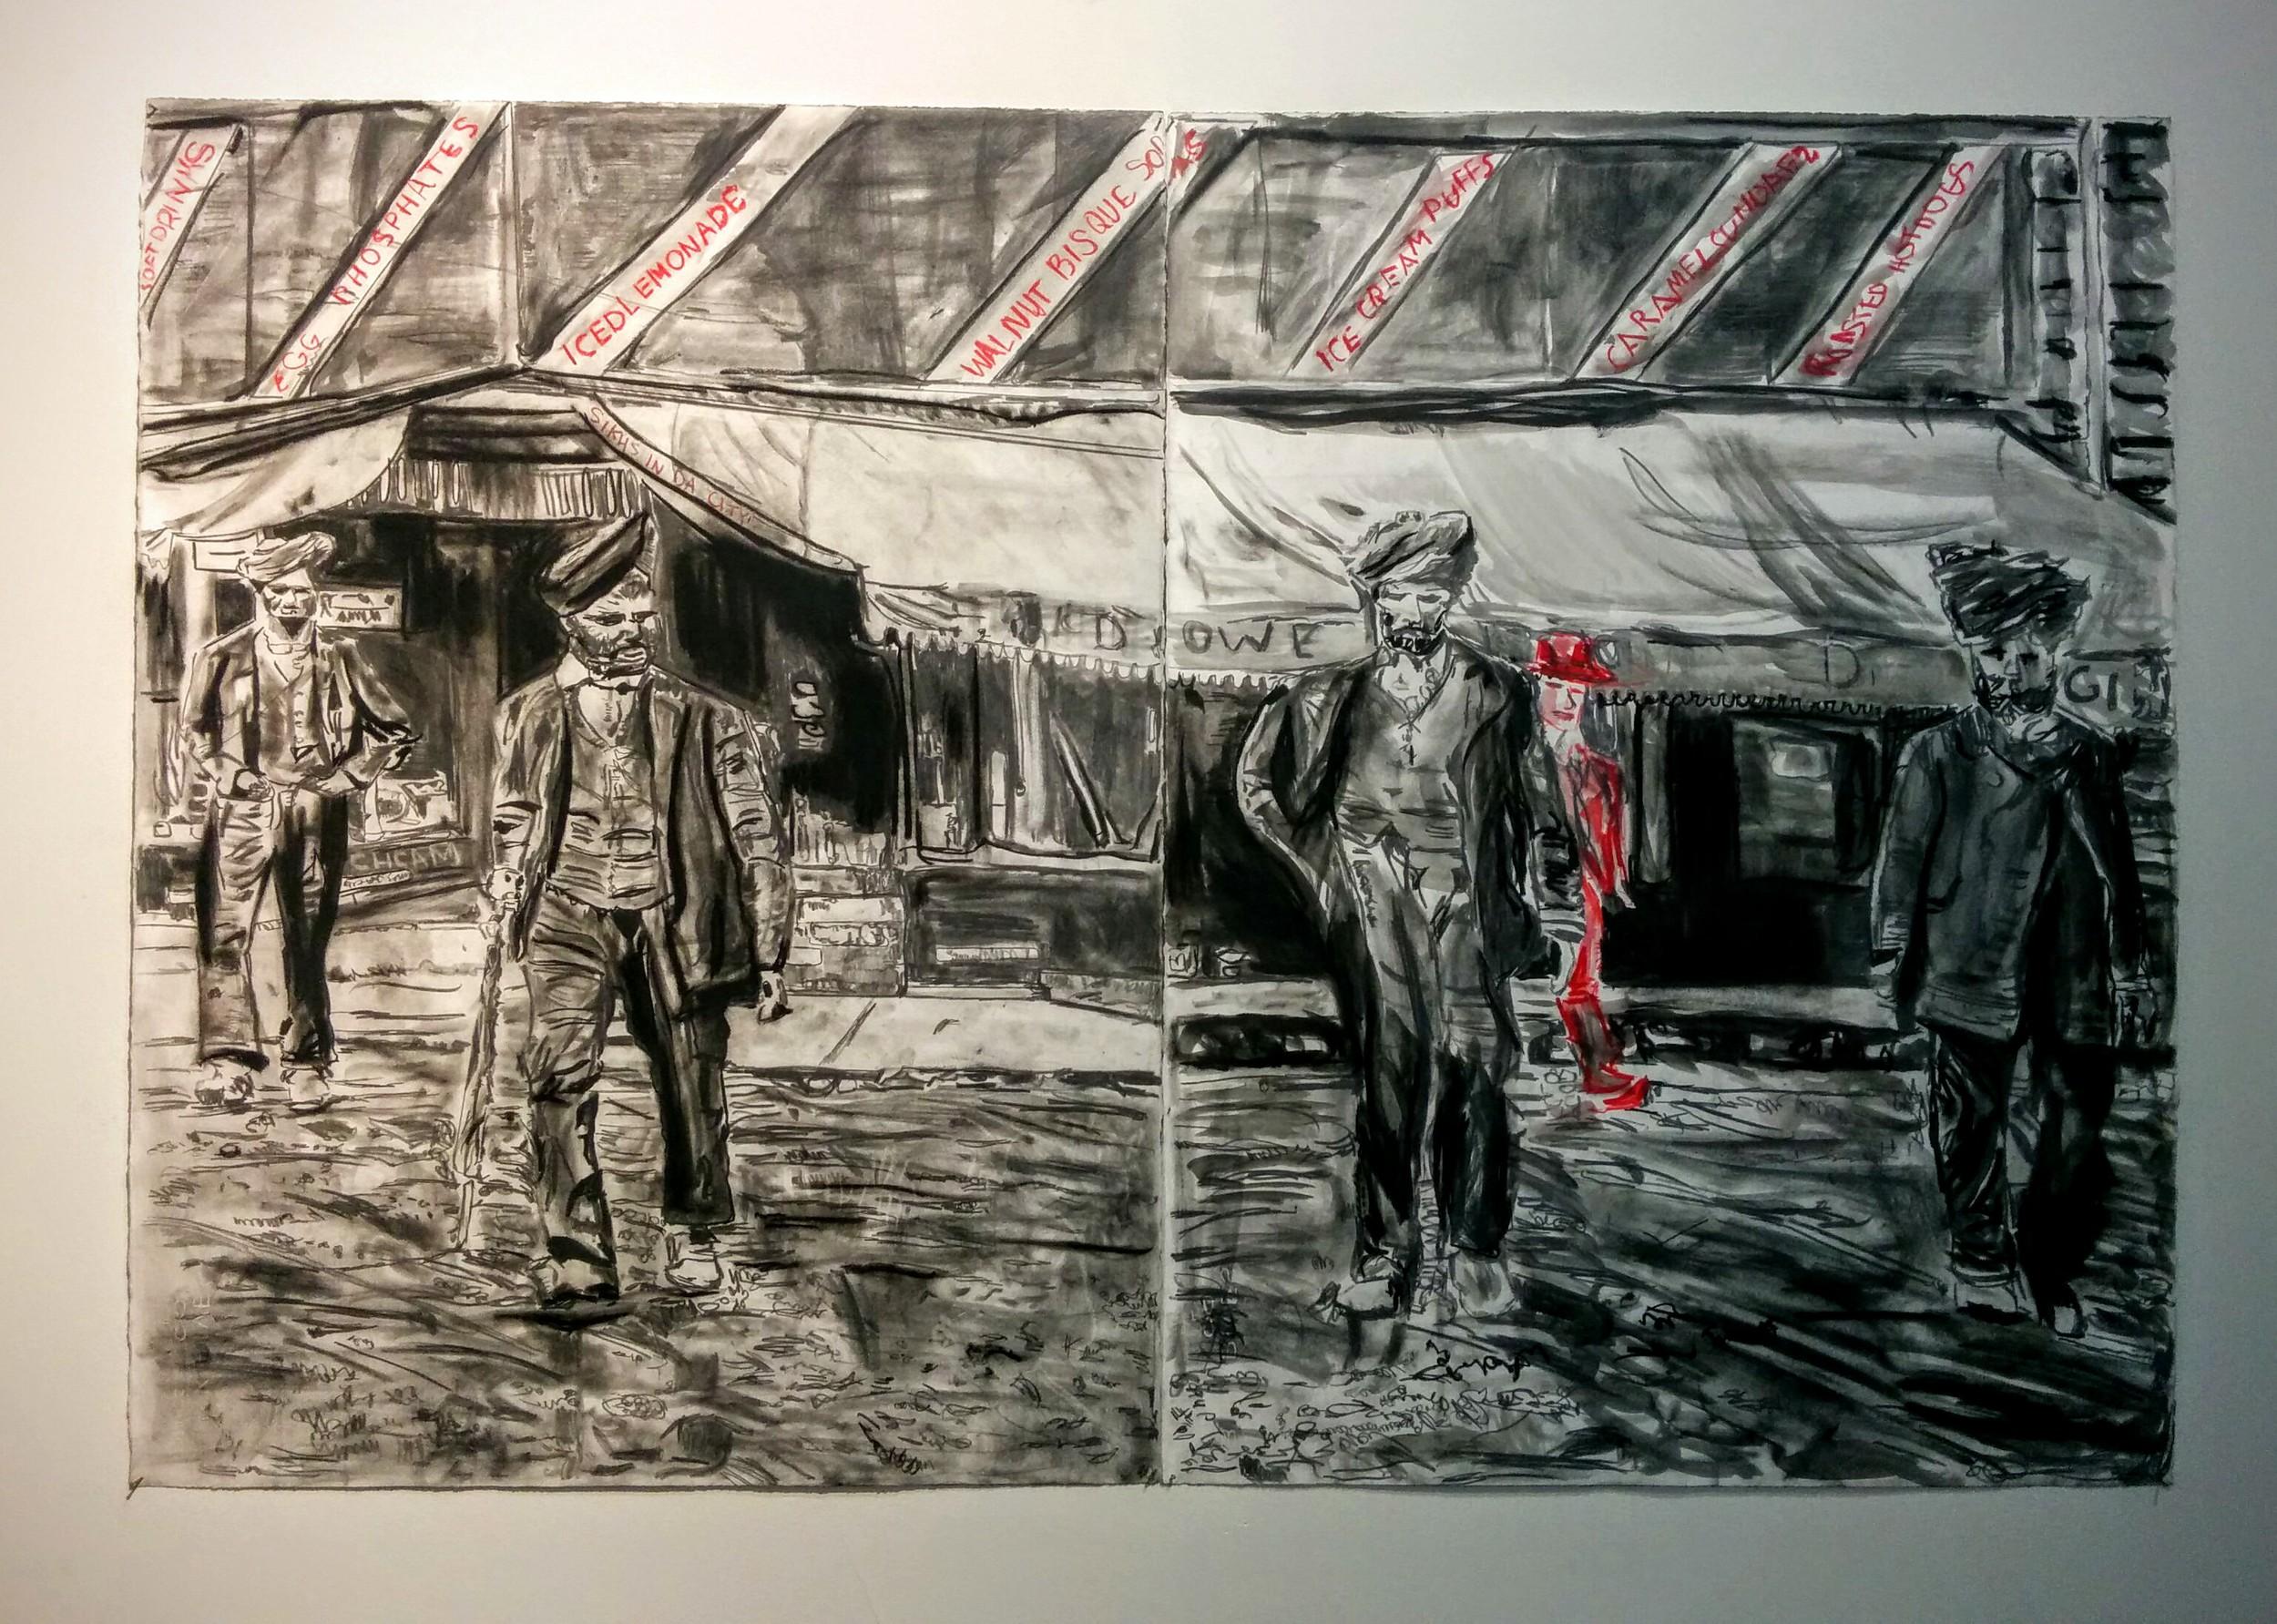 Charcoal and paint drawings by Jagdeep Raina